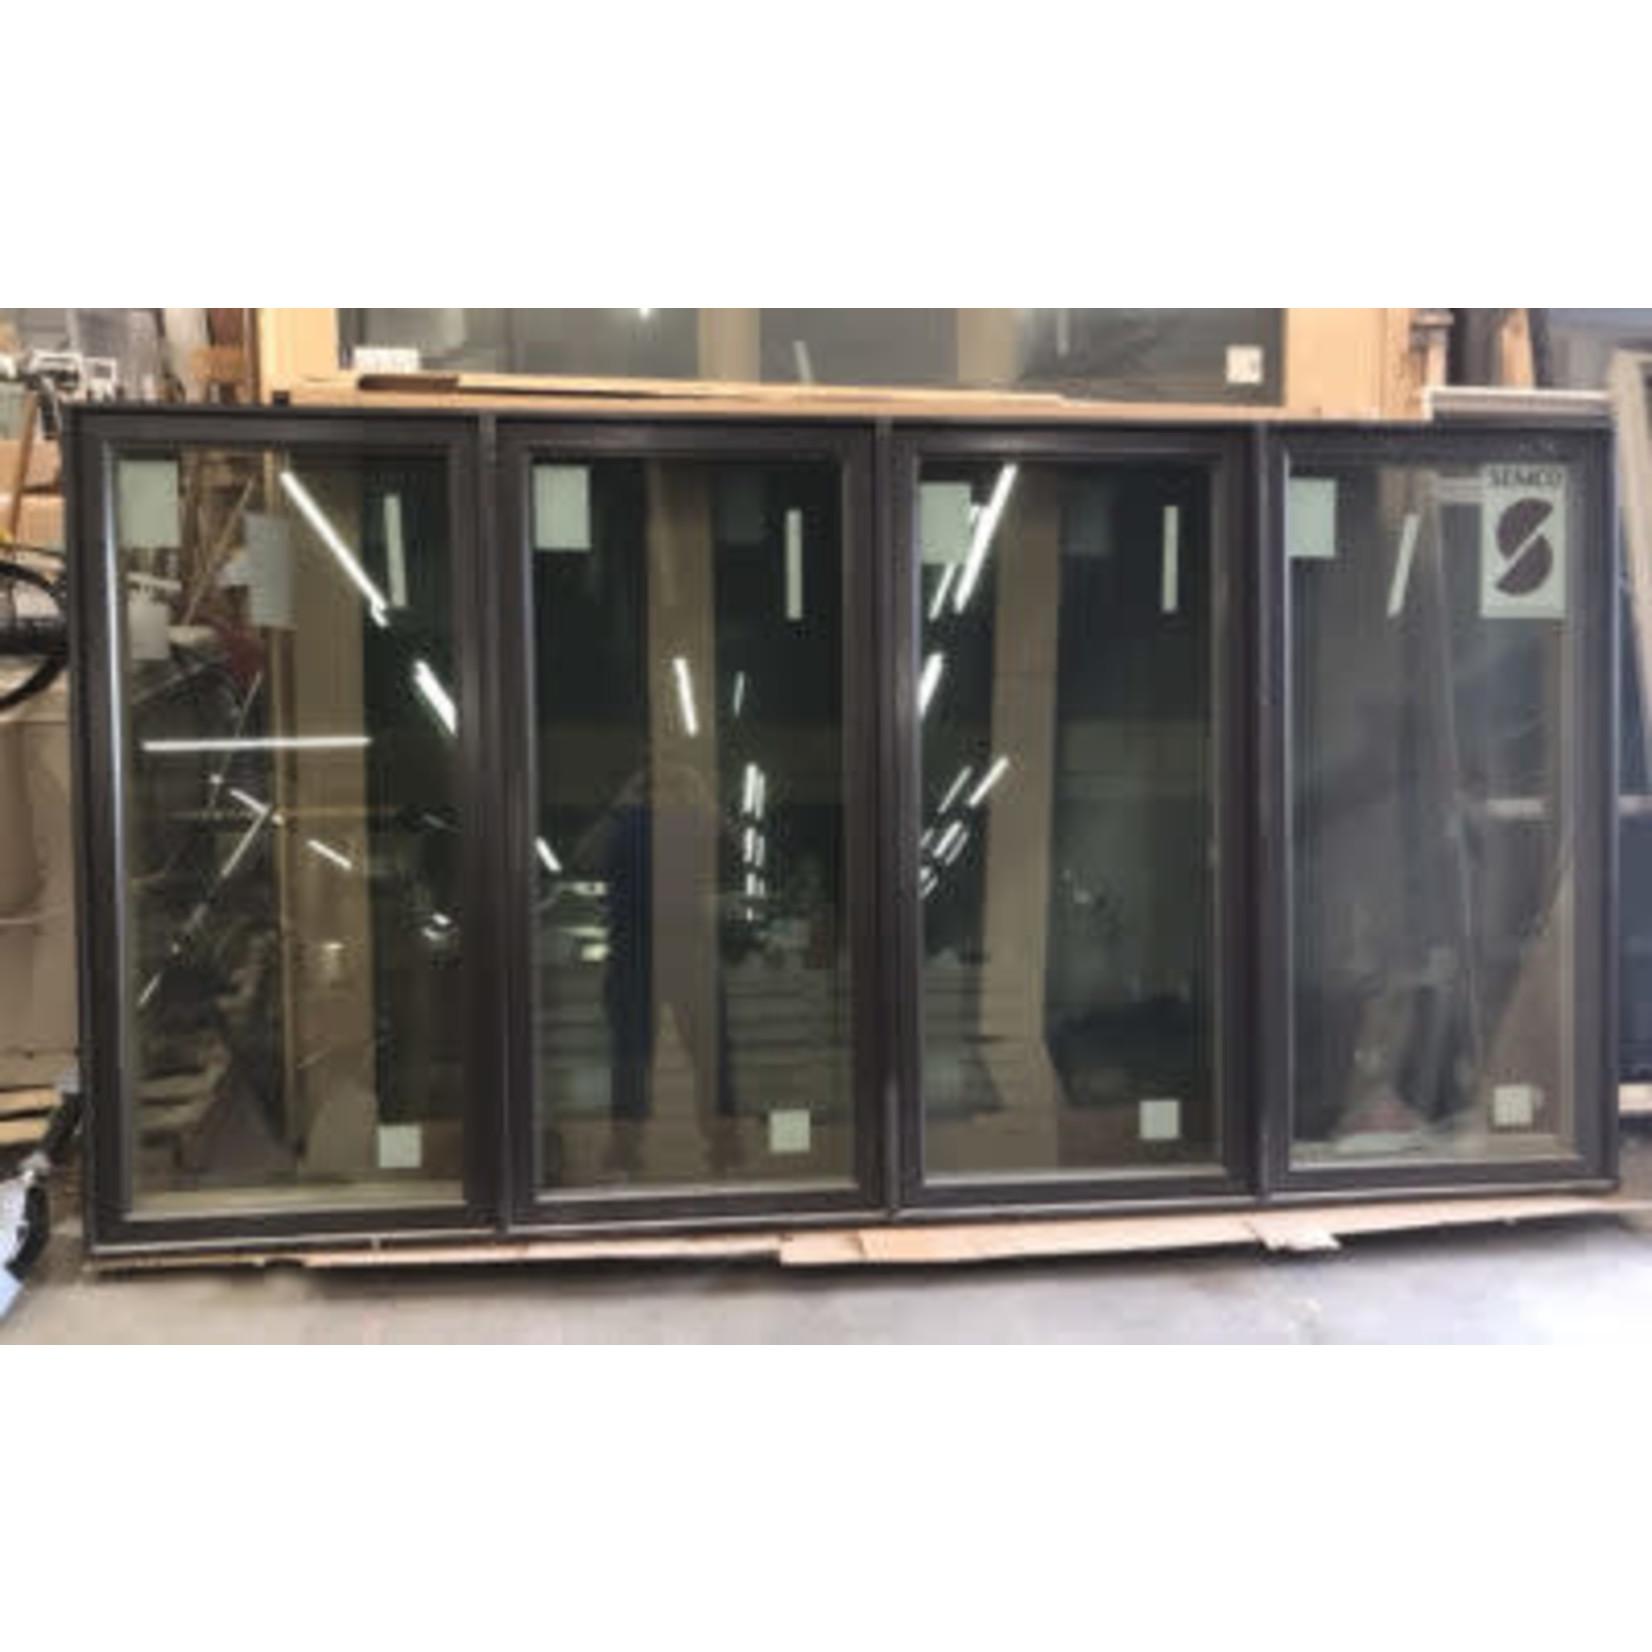 5318 Semco Dark Bronze Wood Casement Exterior Window